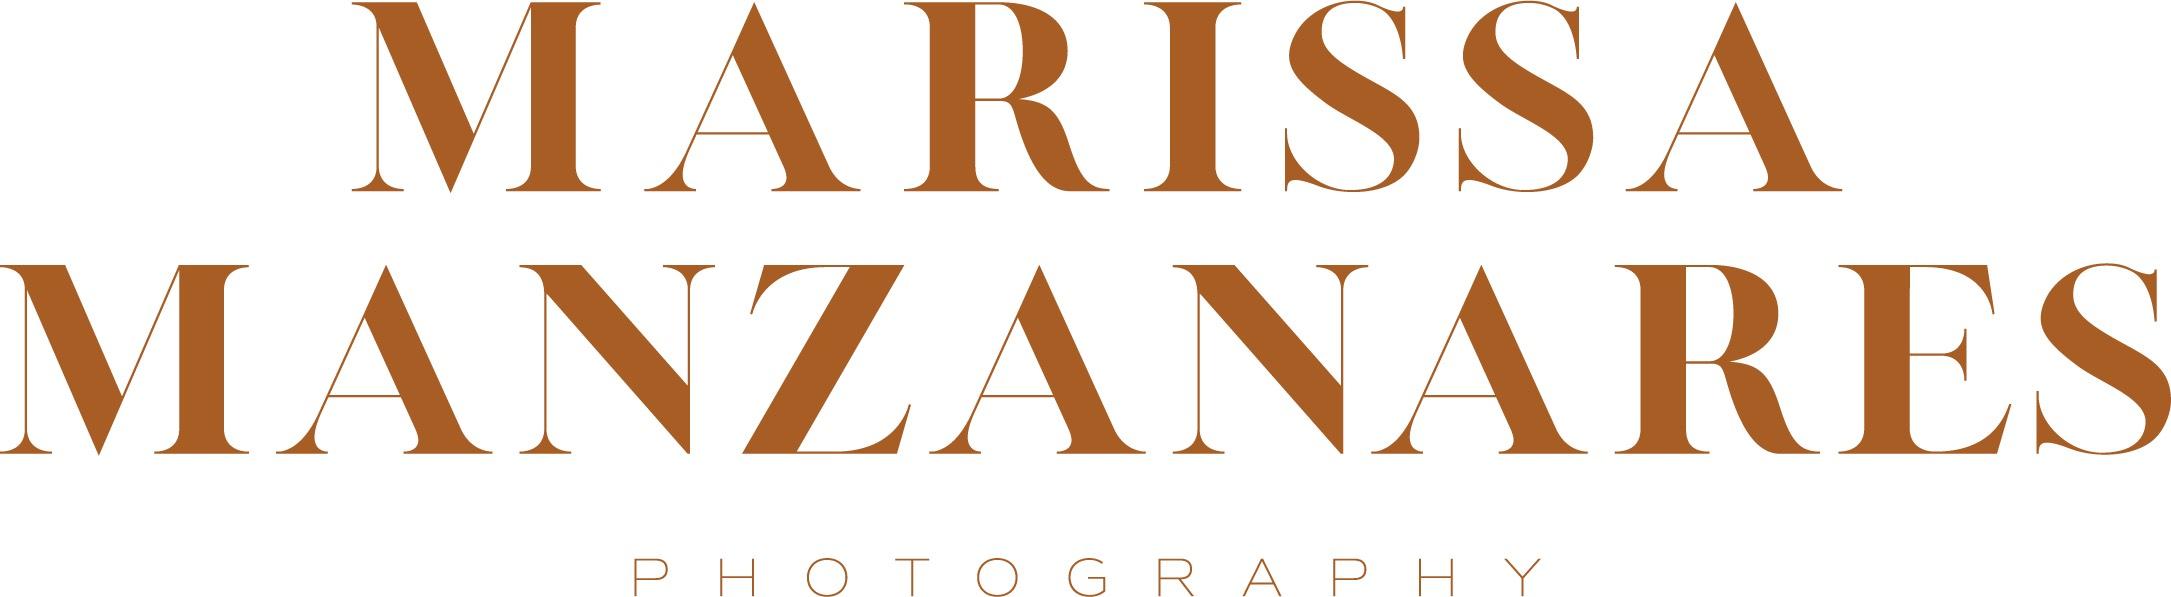 Marissa Manzanares Photography Photography